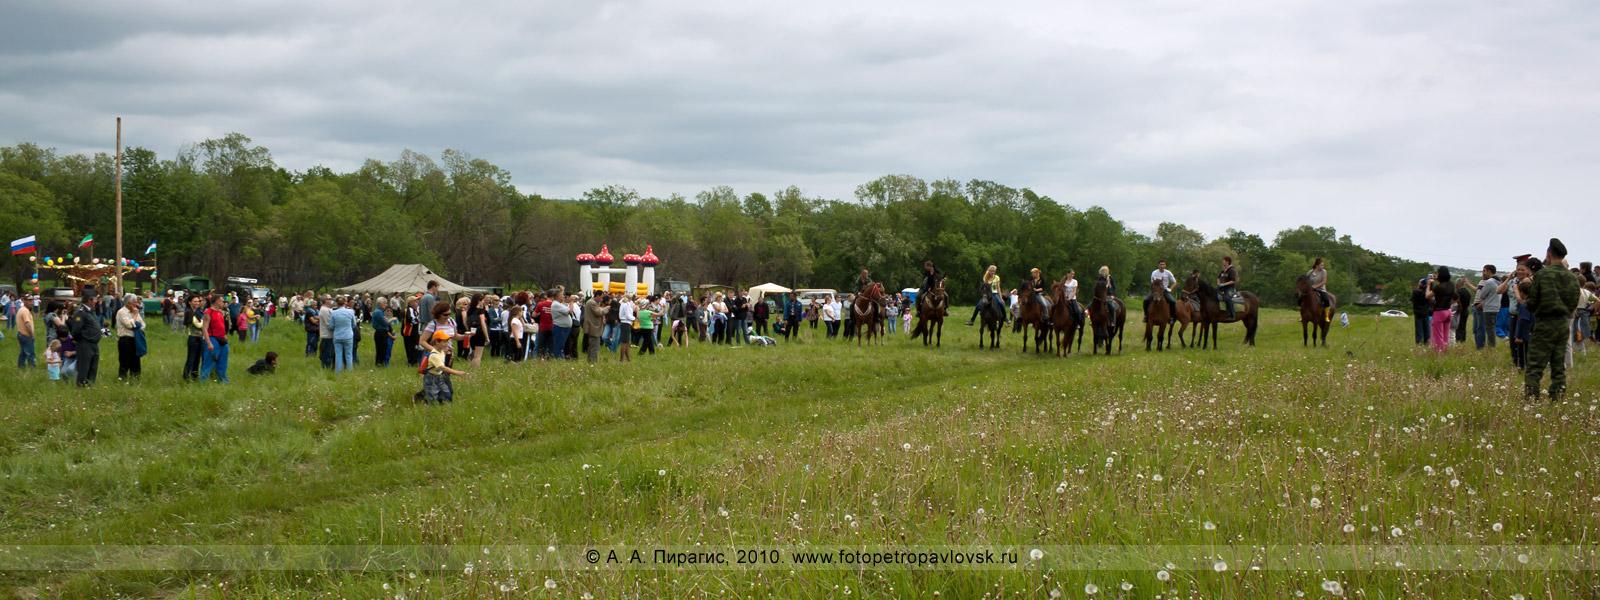 Фотография: Сабантуй на Камчатке. Традиционное национальное состязание татаров и башкиров — скачки на лошадях